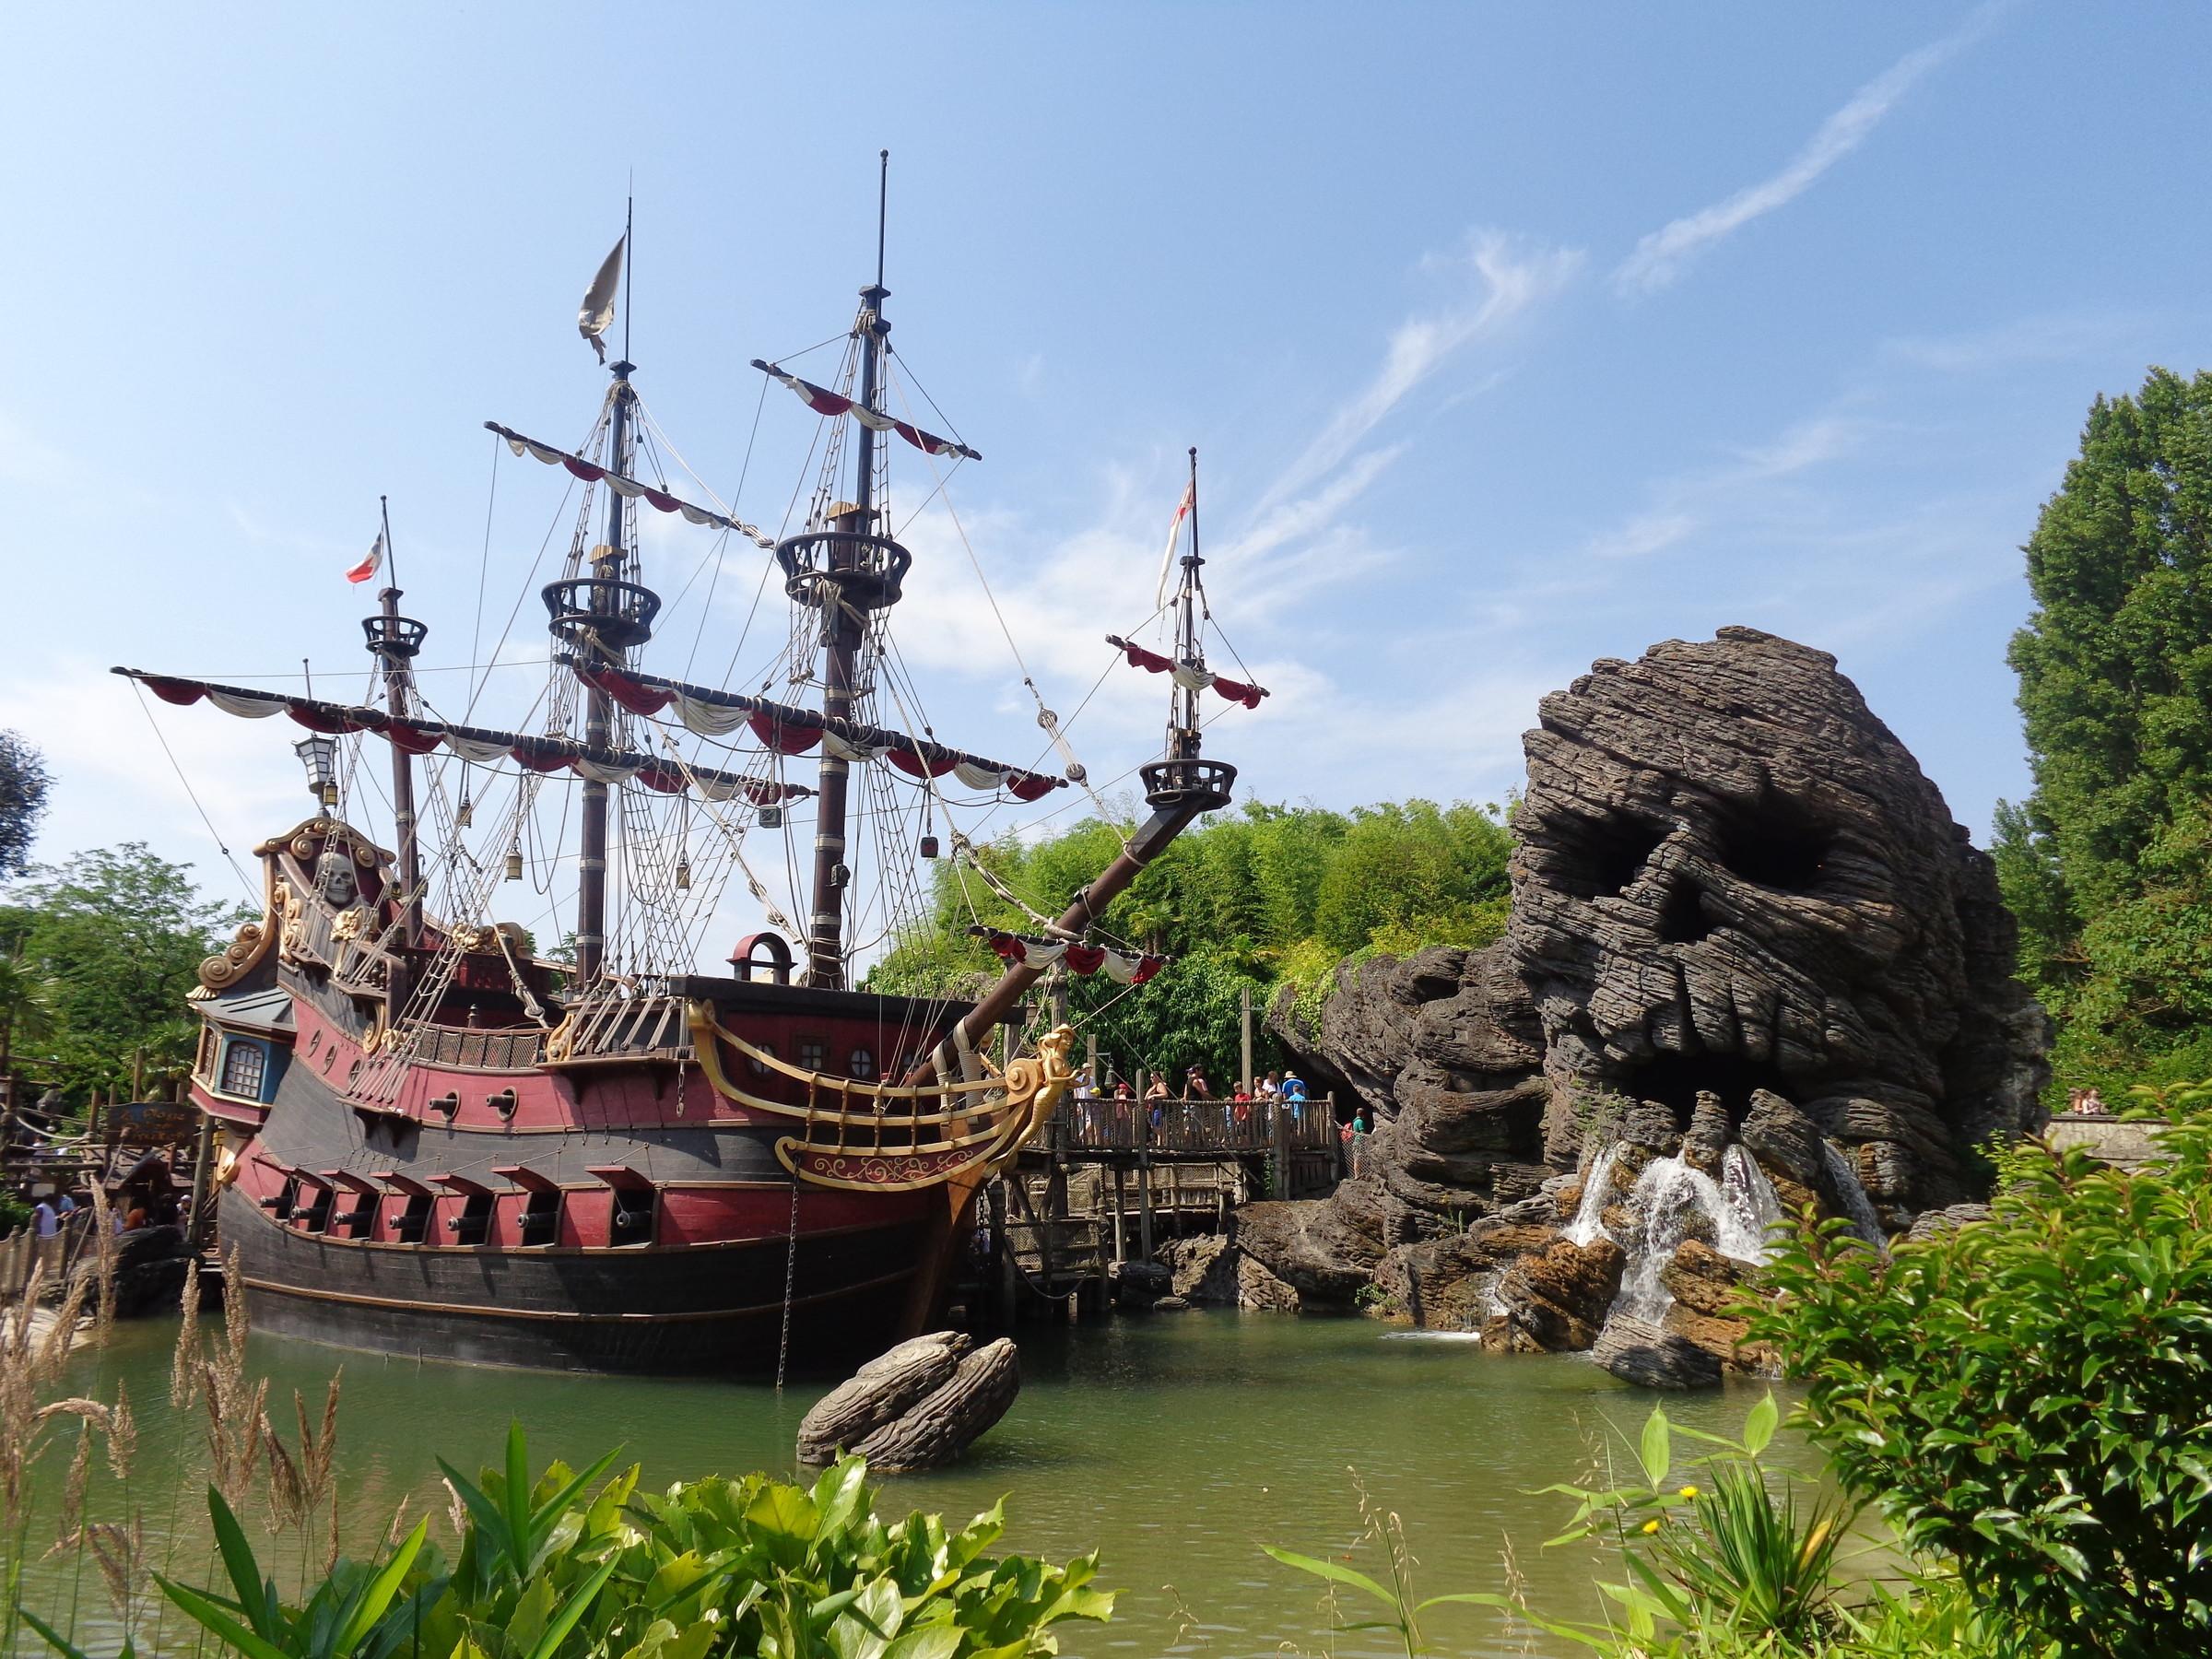 скала Черепа и пиратский корабль...где-то там на острове должен быть клад!, Диснейленд